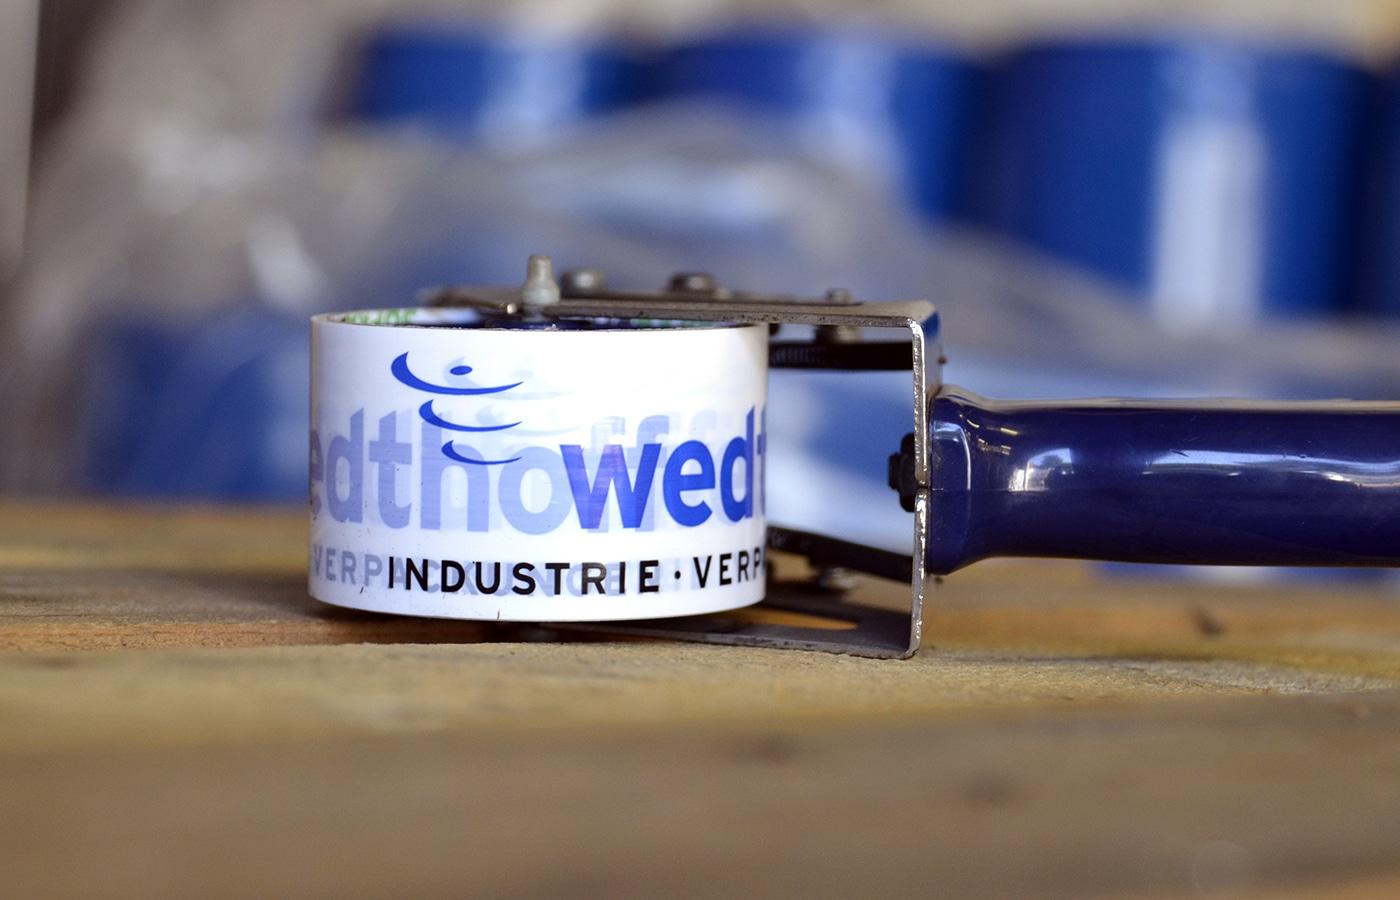 Lieferung by WEDTHOFF Industrieverpackungen + Gefahrgutverpackungen, Großhandel für Verpackungen, Abroller NRW